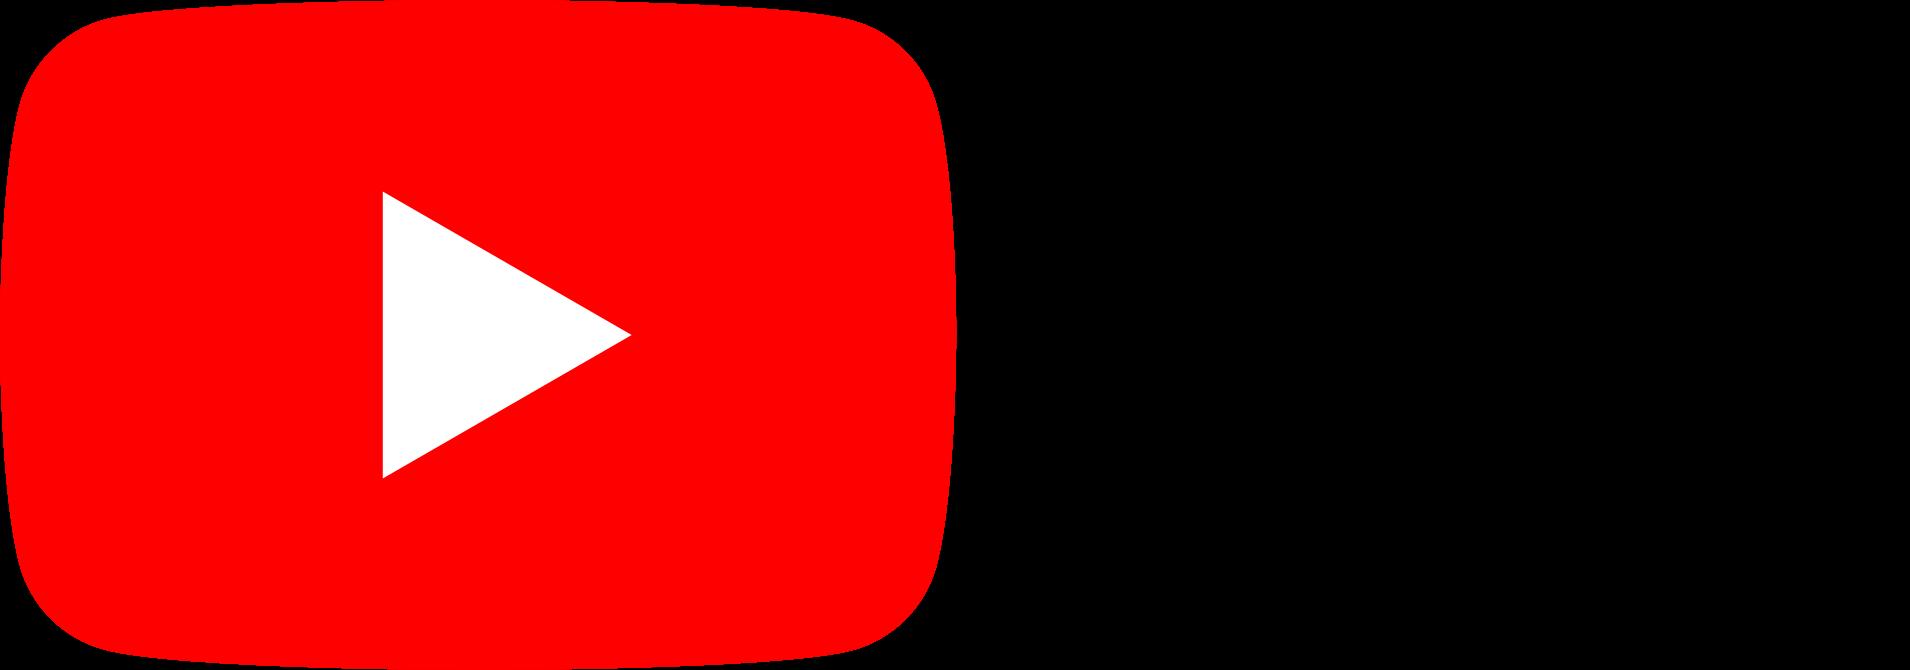 how to make a yt logo